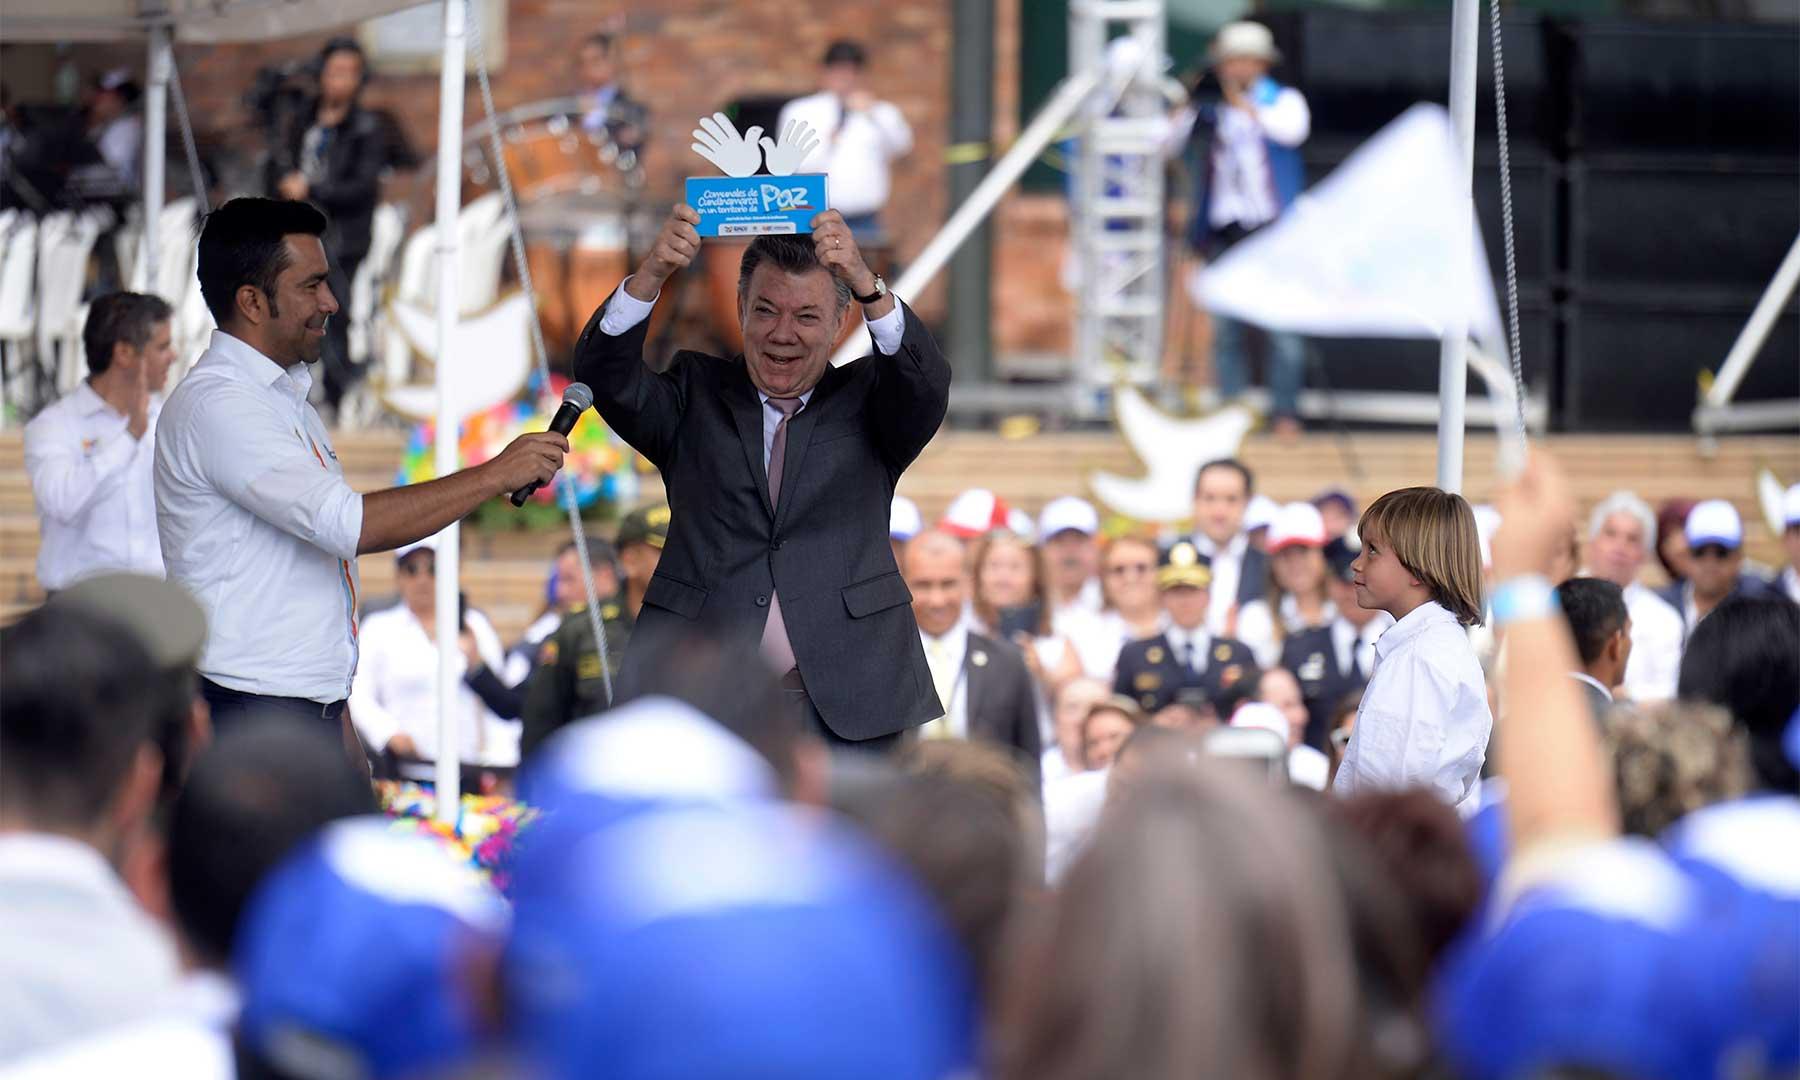 El Presidente Santos con la estatuilla 'líderes comunales de Cundinamarca en un territorio de paz', que le entregaron 8 mil dirigentes locales del departamento que se posesionaron hoy en Bogotá.